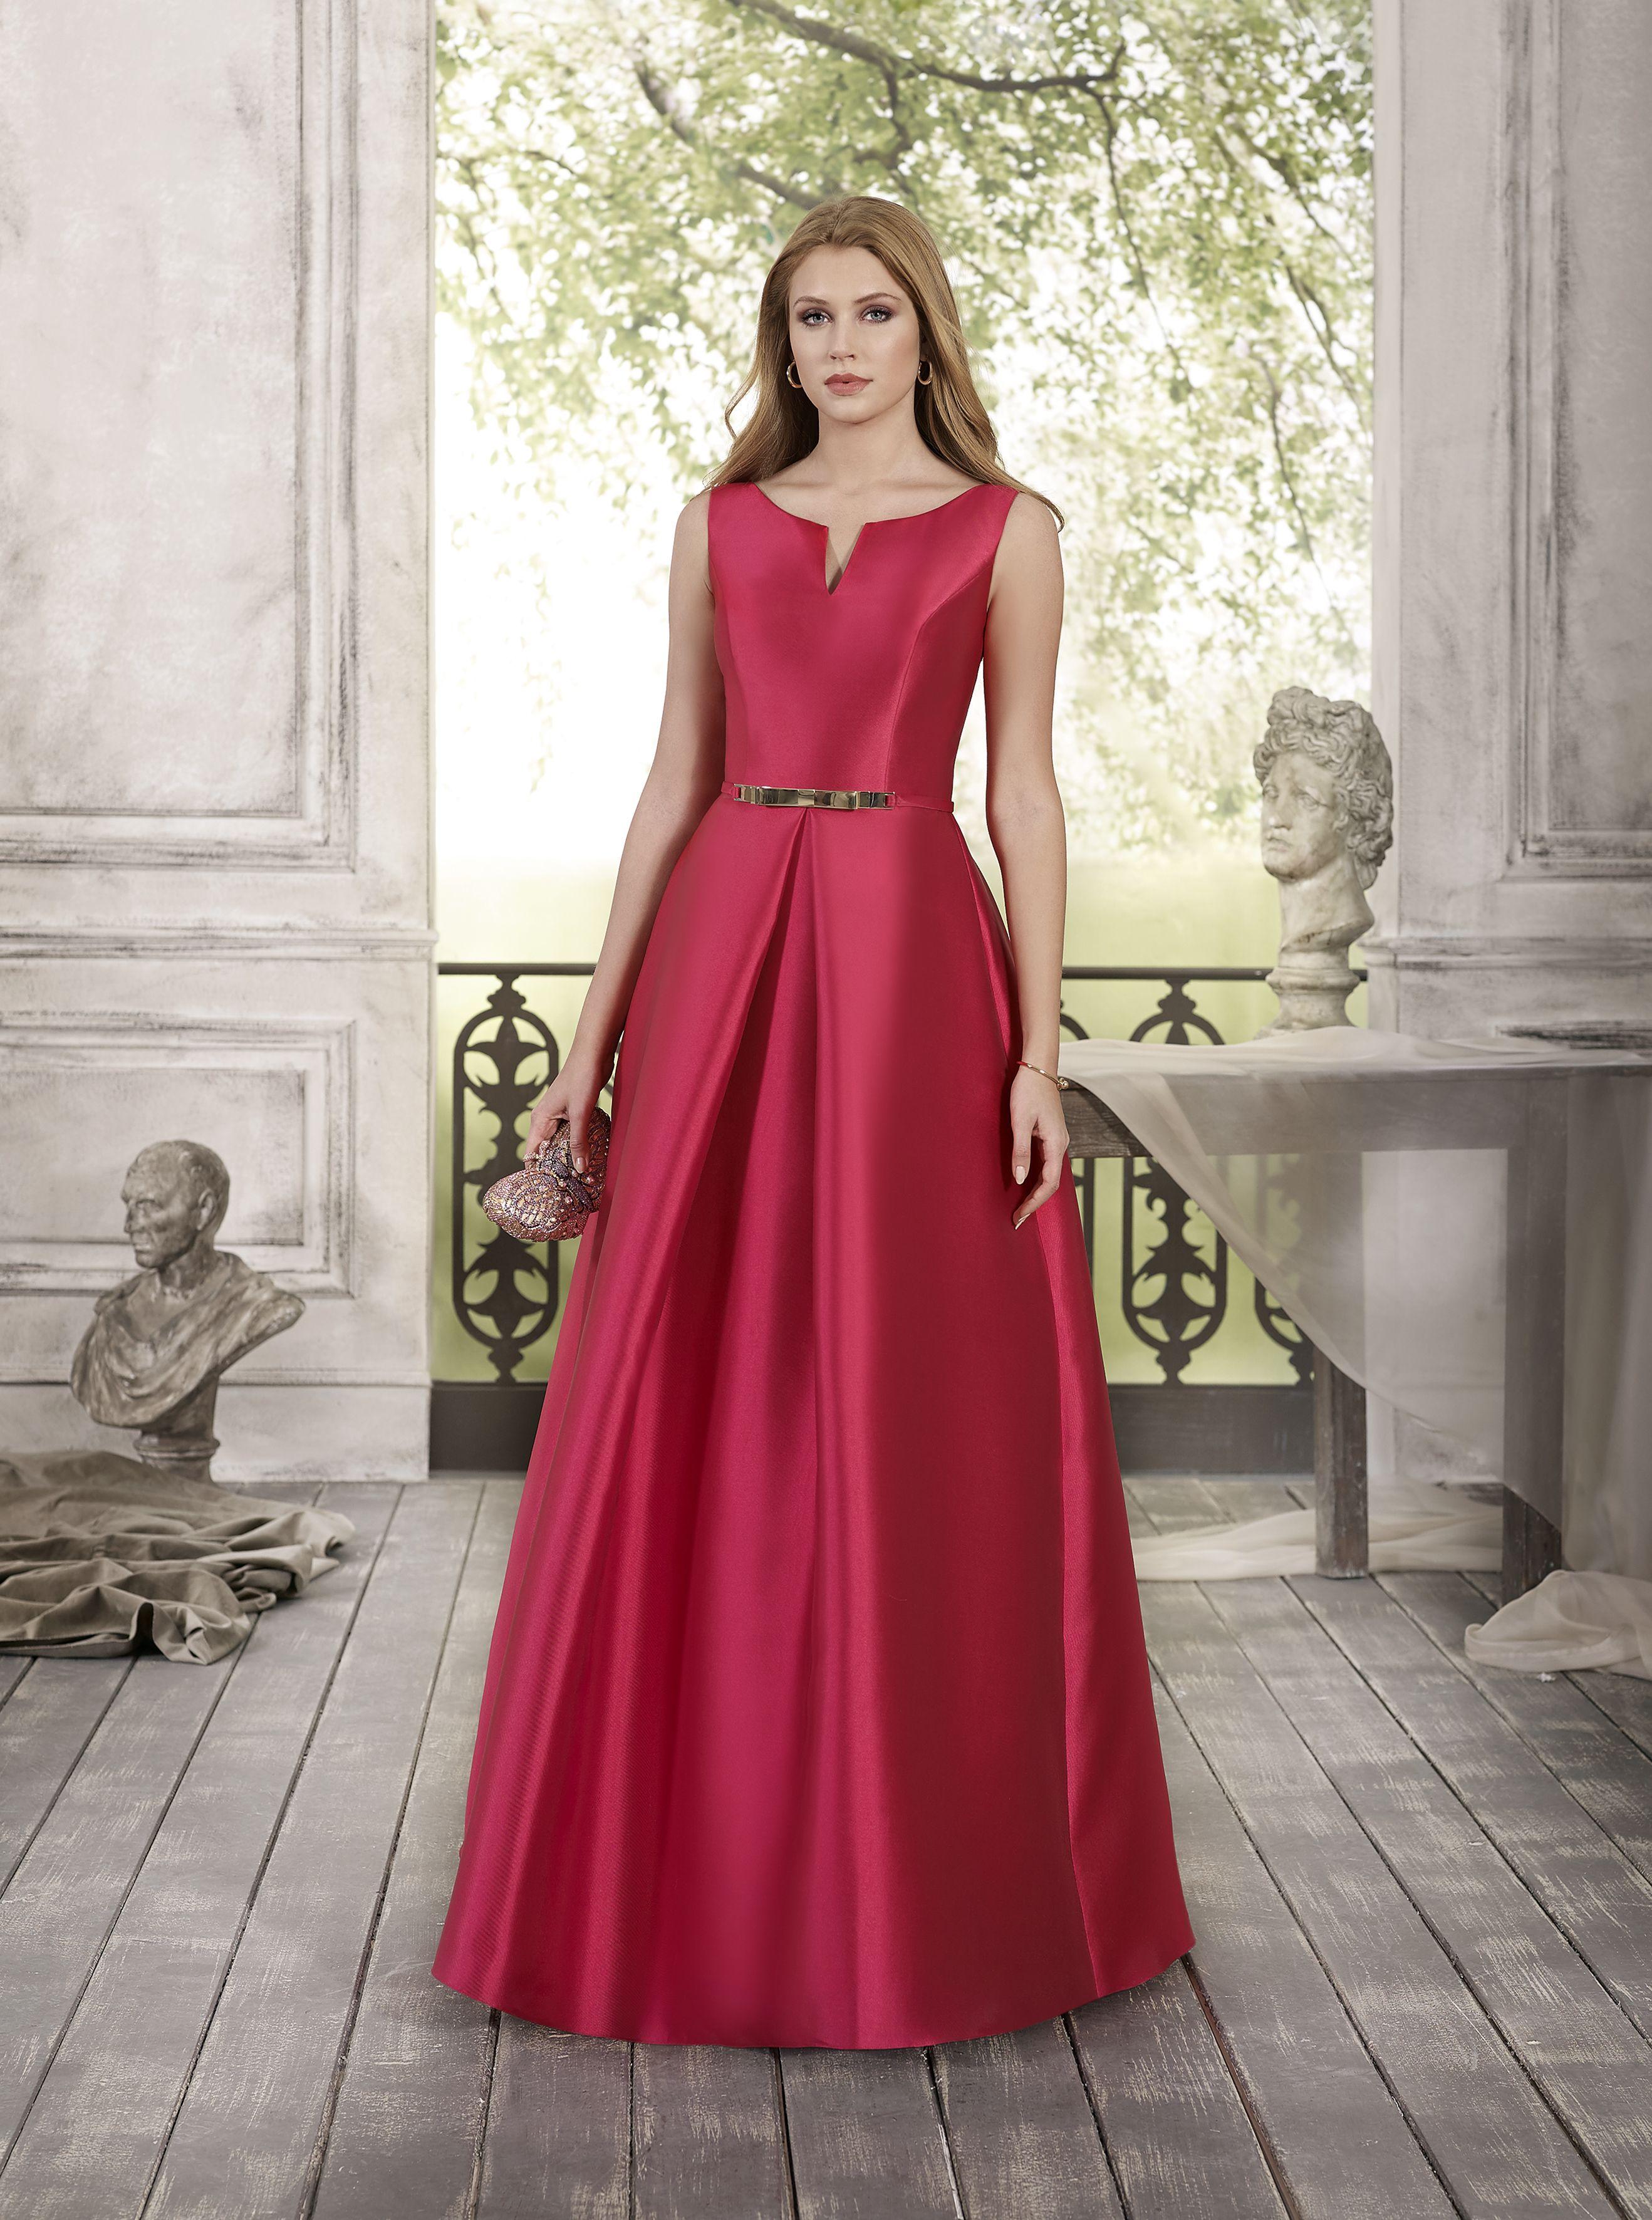 Vestido de Fiesta de Fara Fiesta - 6139  wedding  bodas  boda  bodasnet 893799e55333